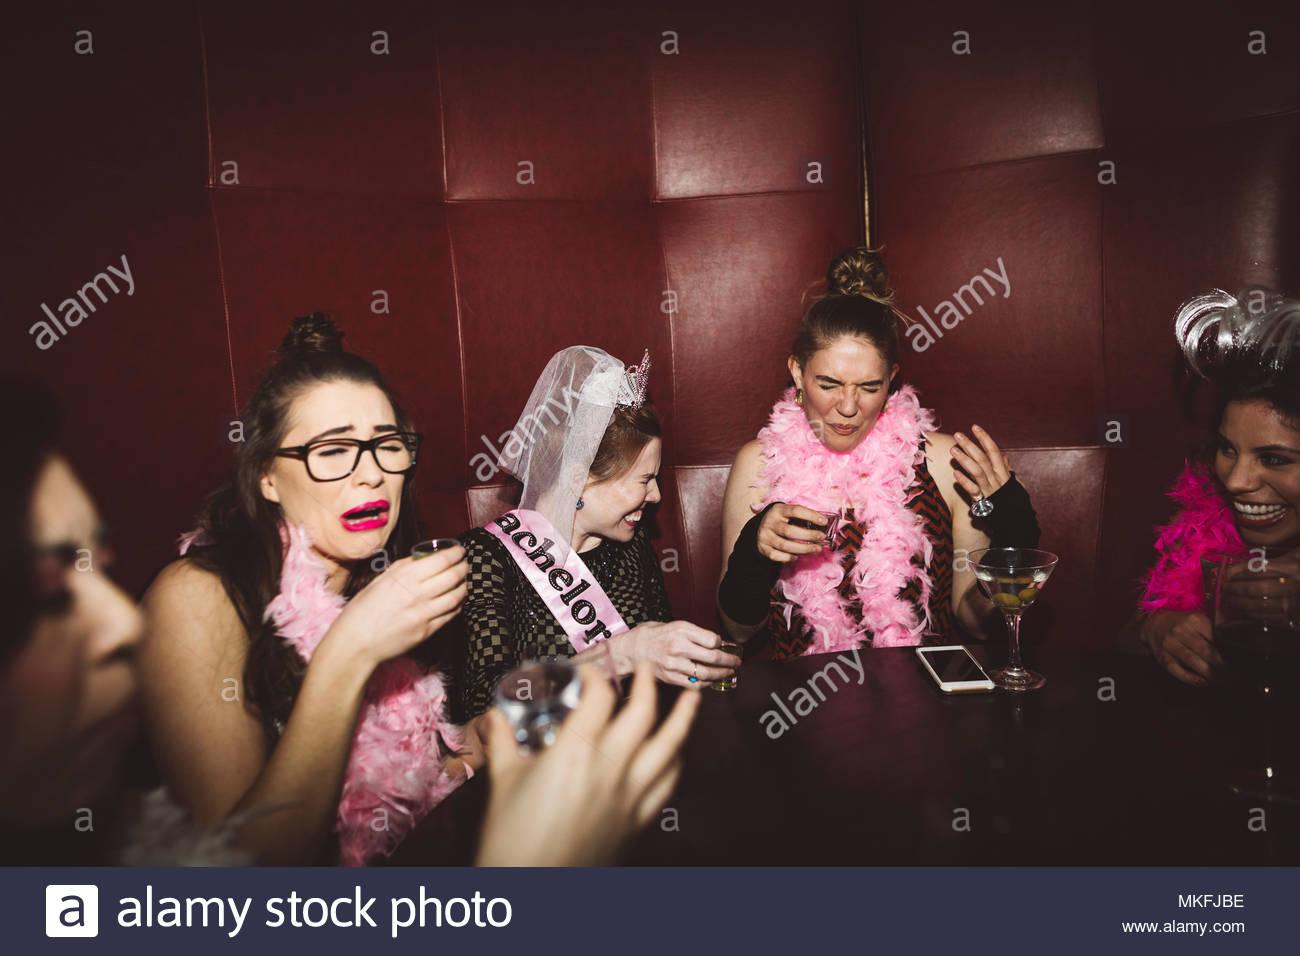 Junge weibliche tausendjährigen Freunde Aufnahmen an Bachelorette Party in der Diskothek Stockbild